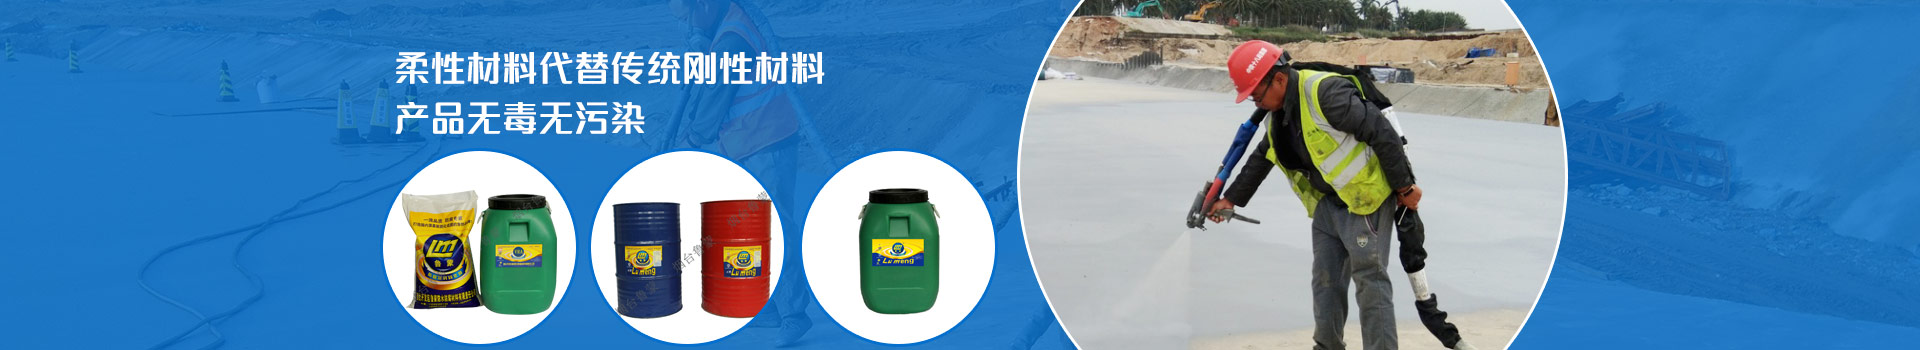 鲁蒙防水防水涂料